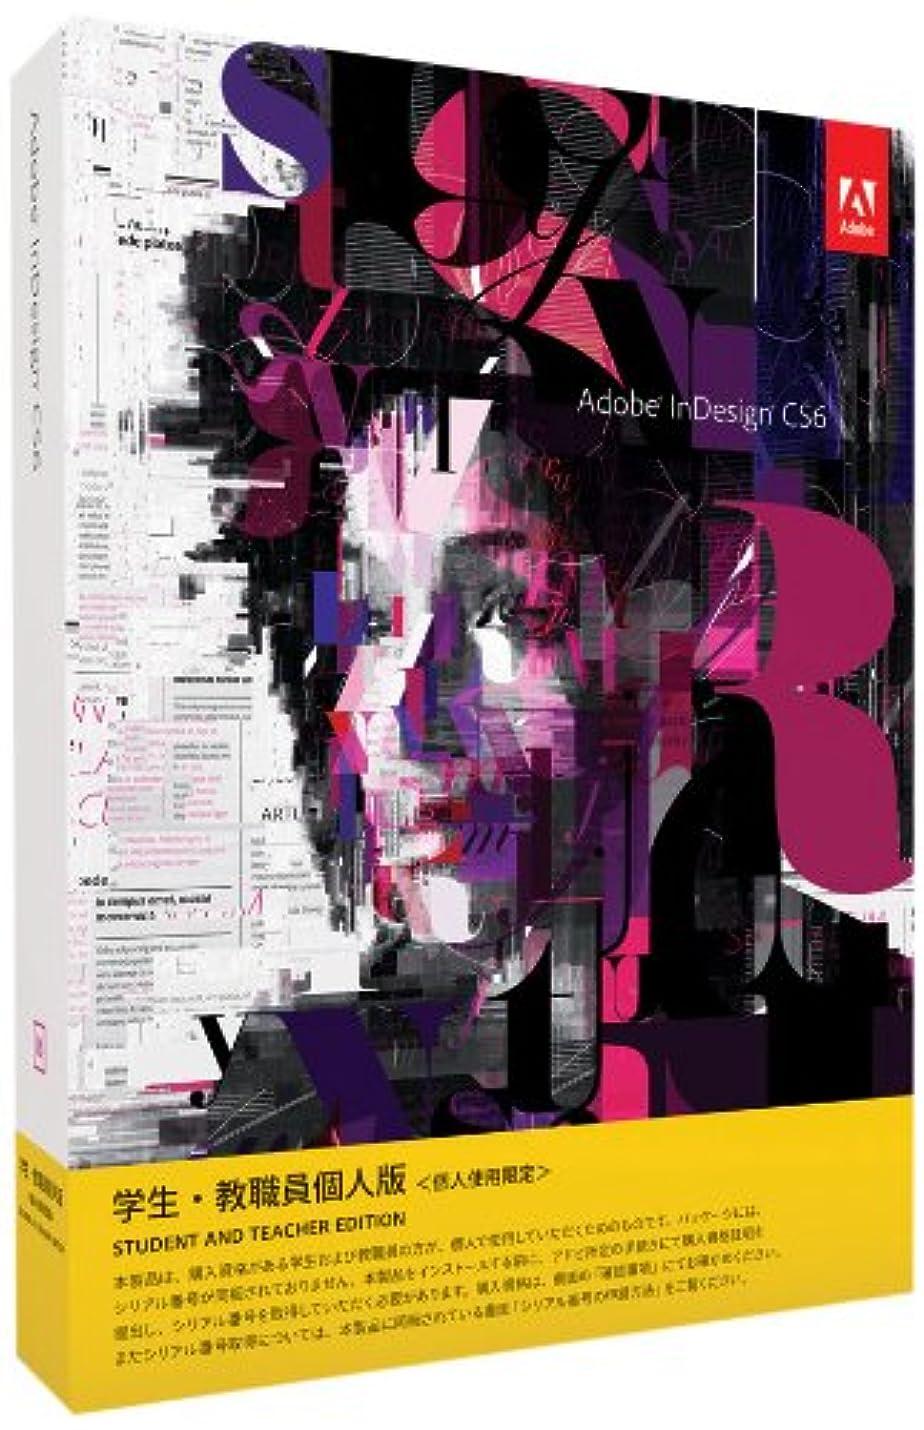 出費変なあなたのもの学生?教職員個人版 Adobe InDesign CS6 Windows版 (要シリアル番号申請)